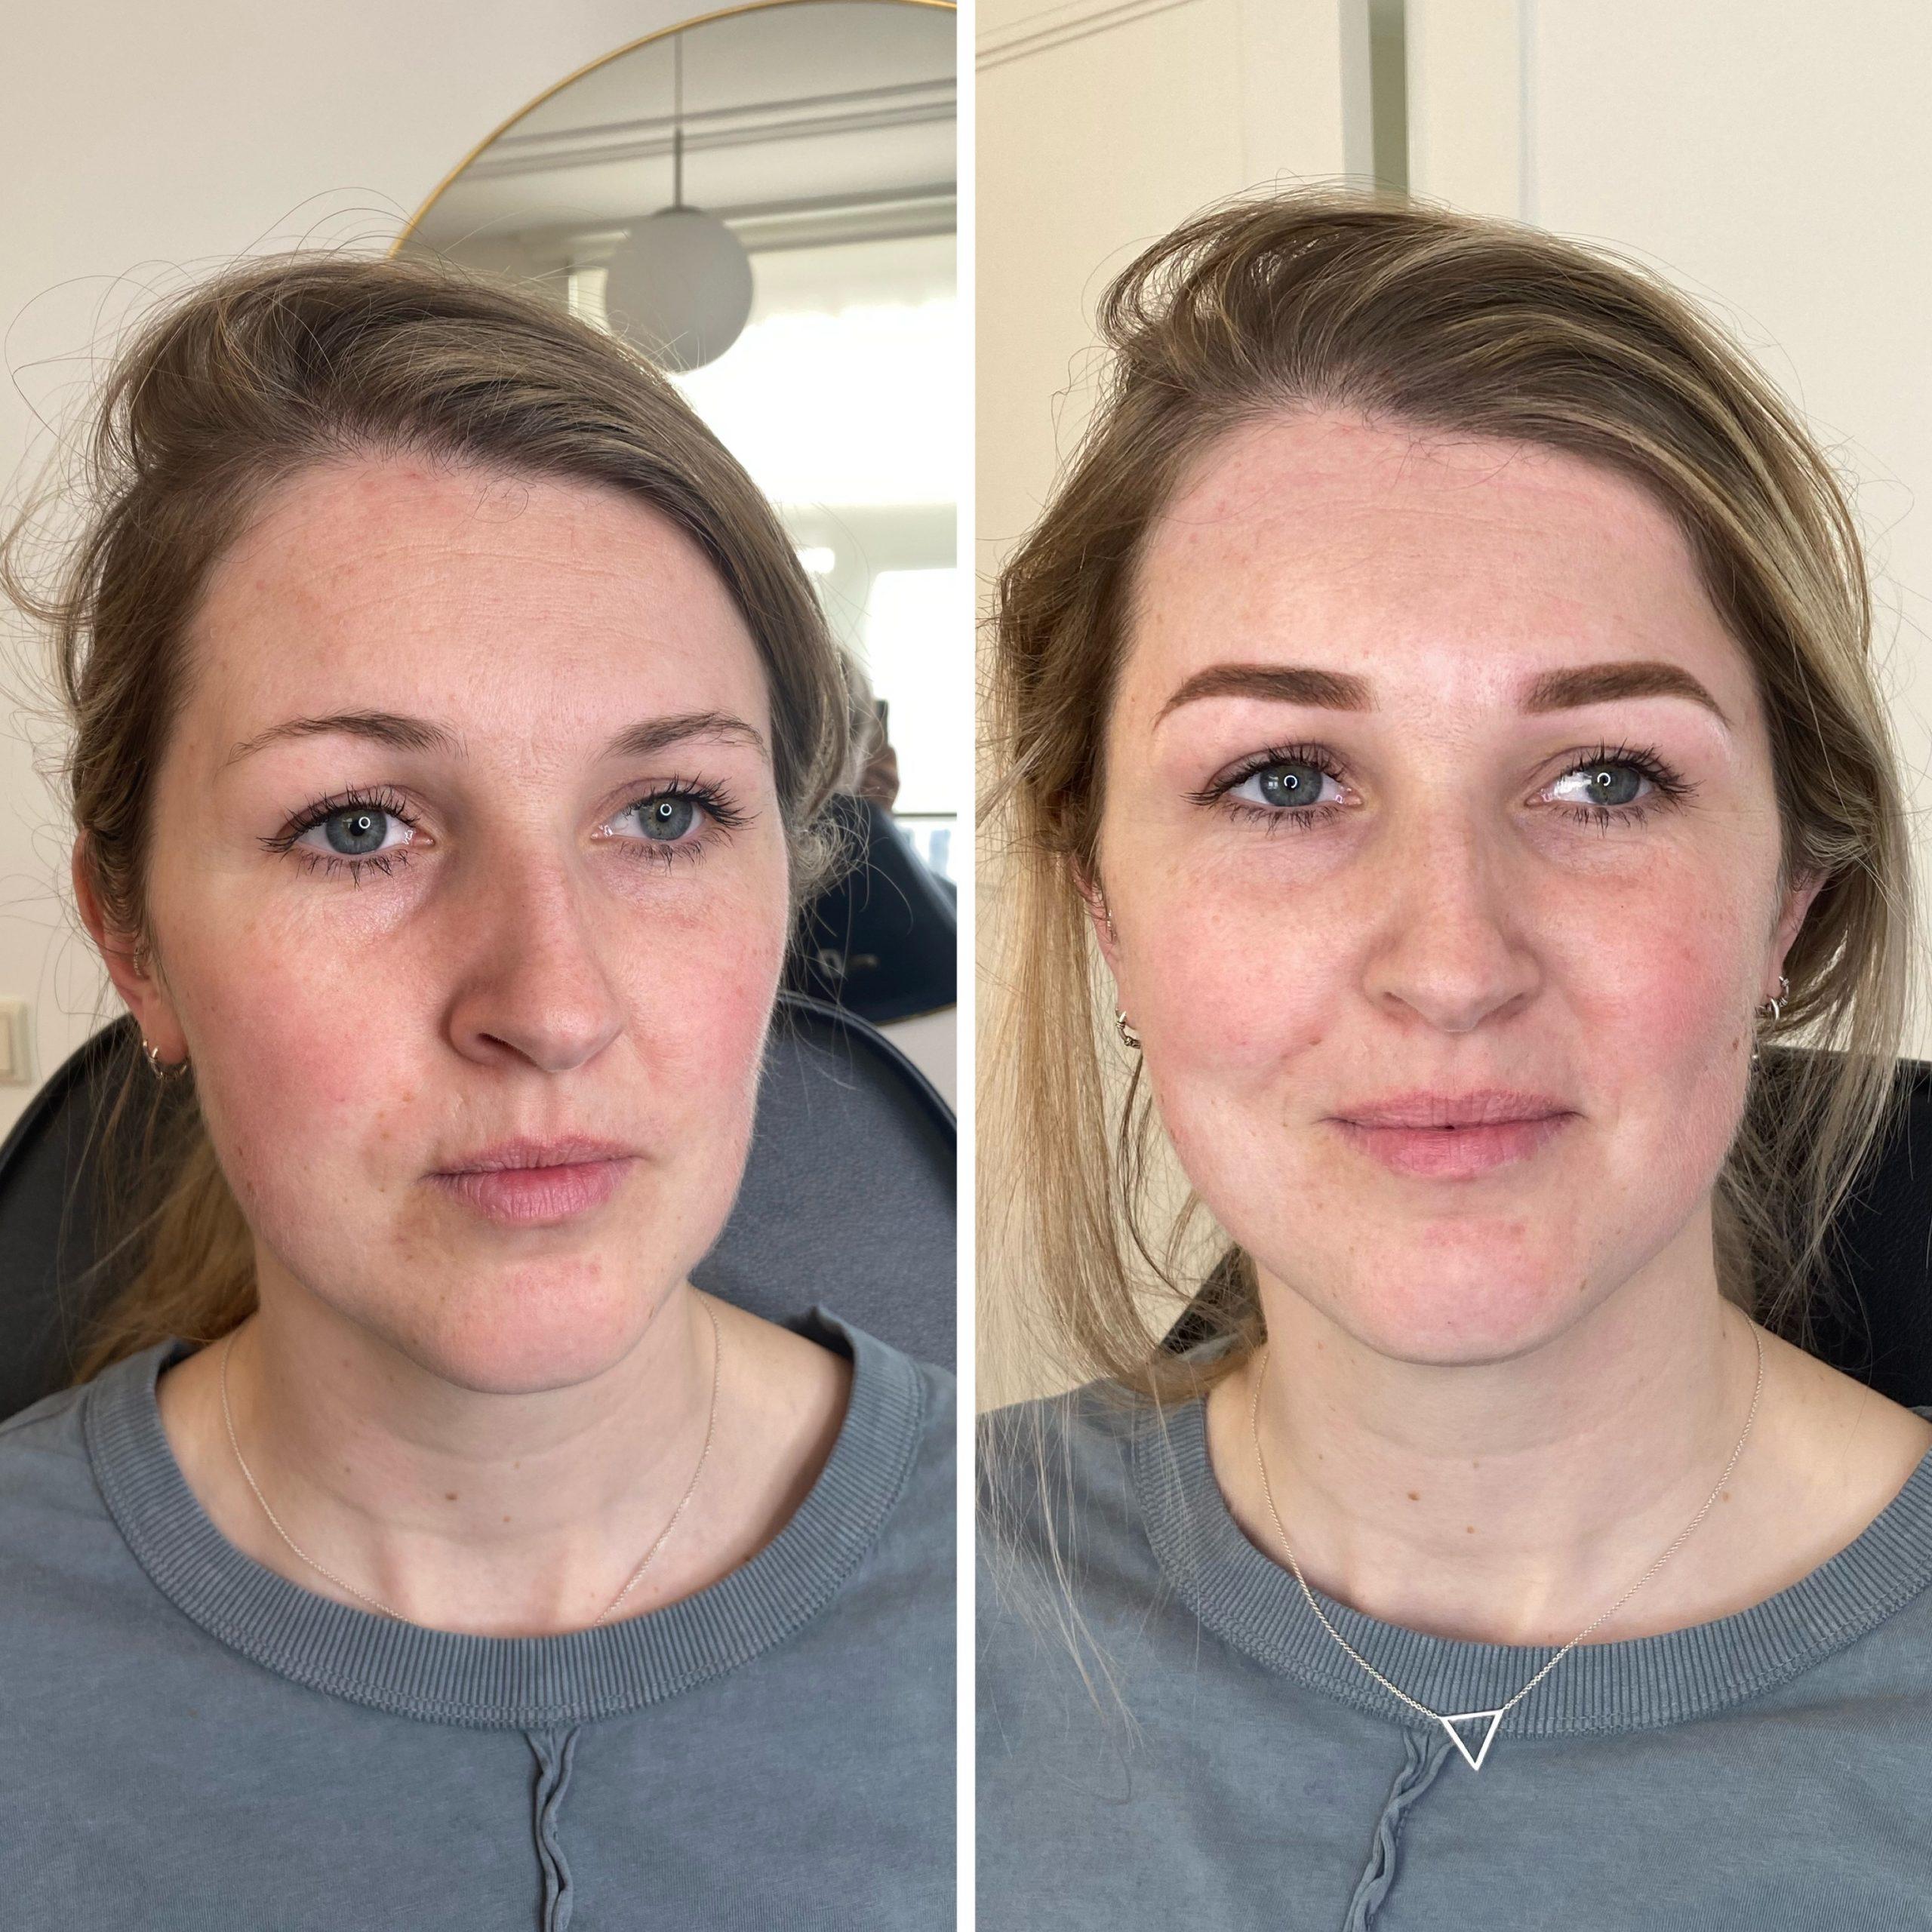 PMU Powder brows